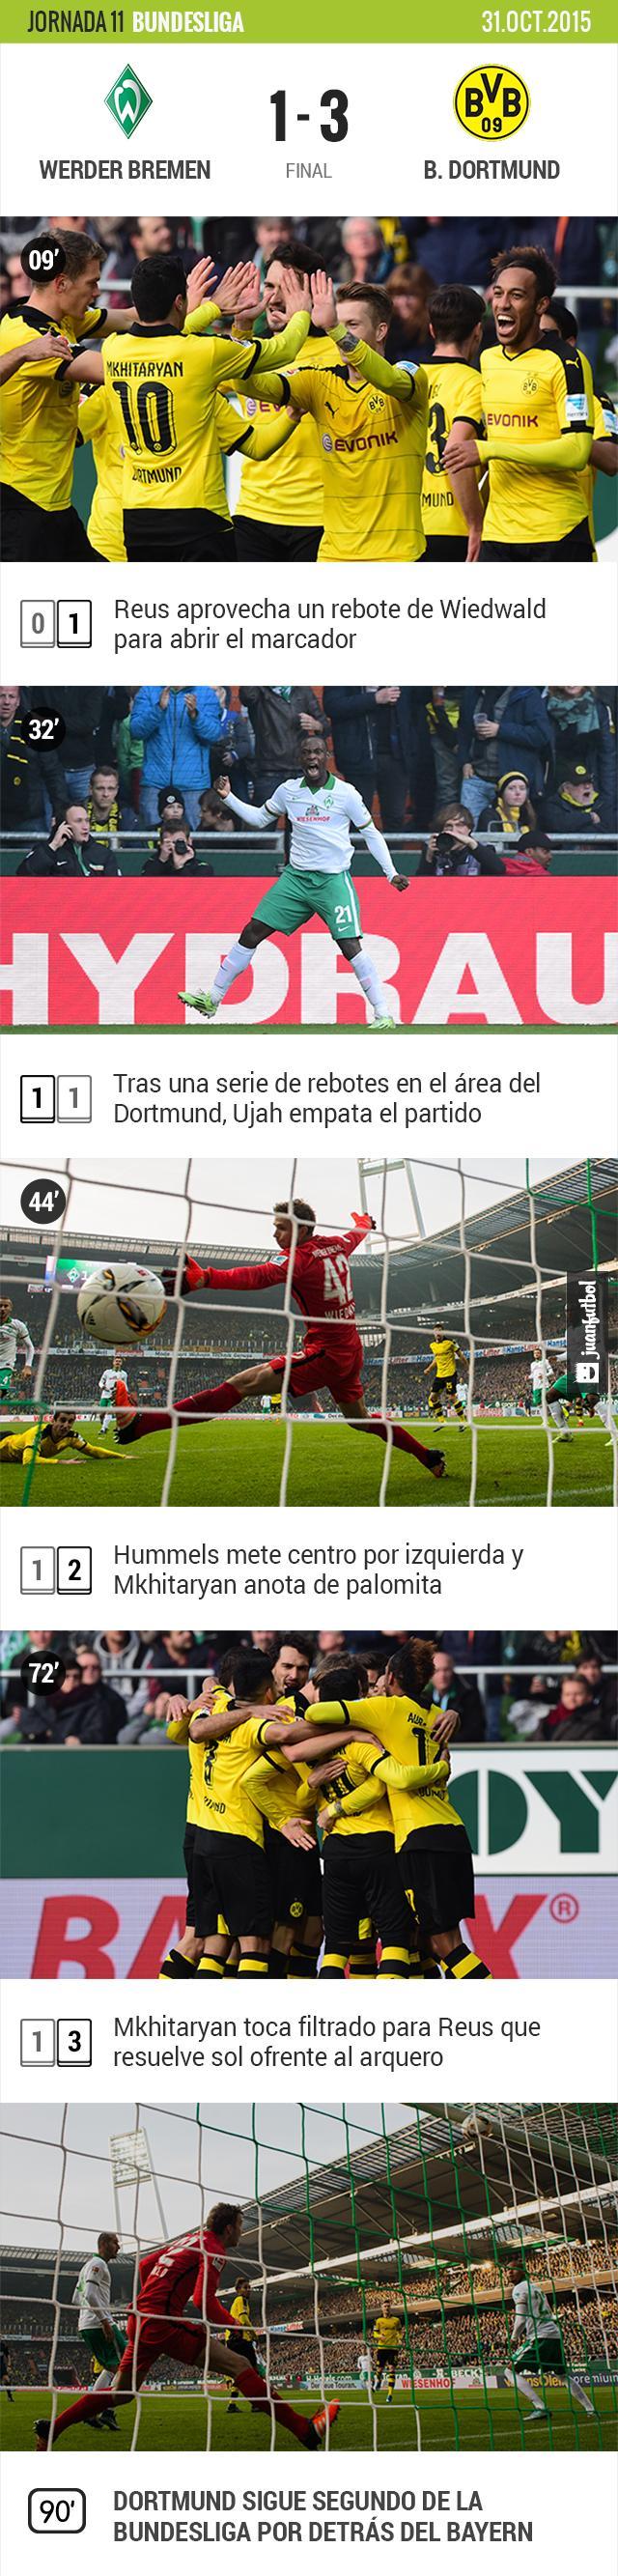 Dortmund vence al Bremen de visita y sigue como segundo de la Bundesliga